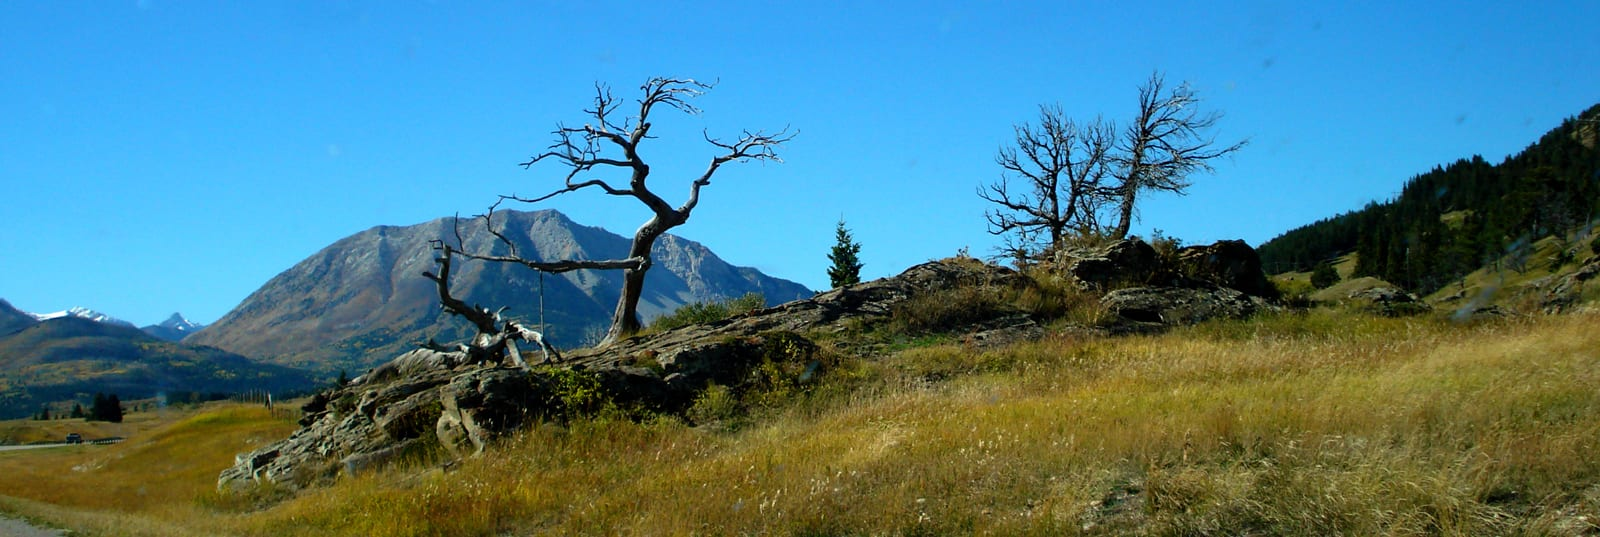 Crowsnest Pass-Burmis Tree-sliver